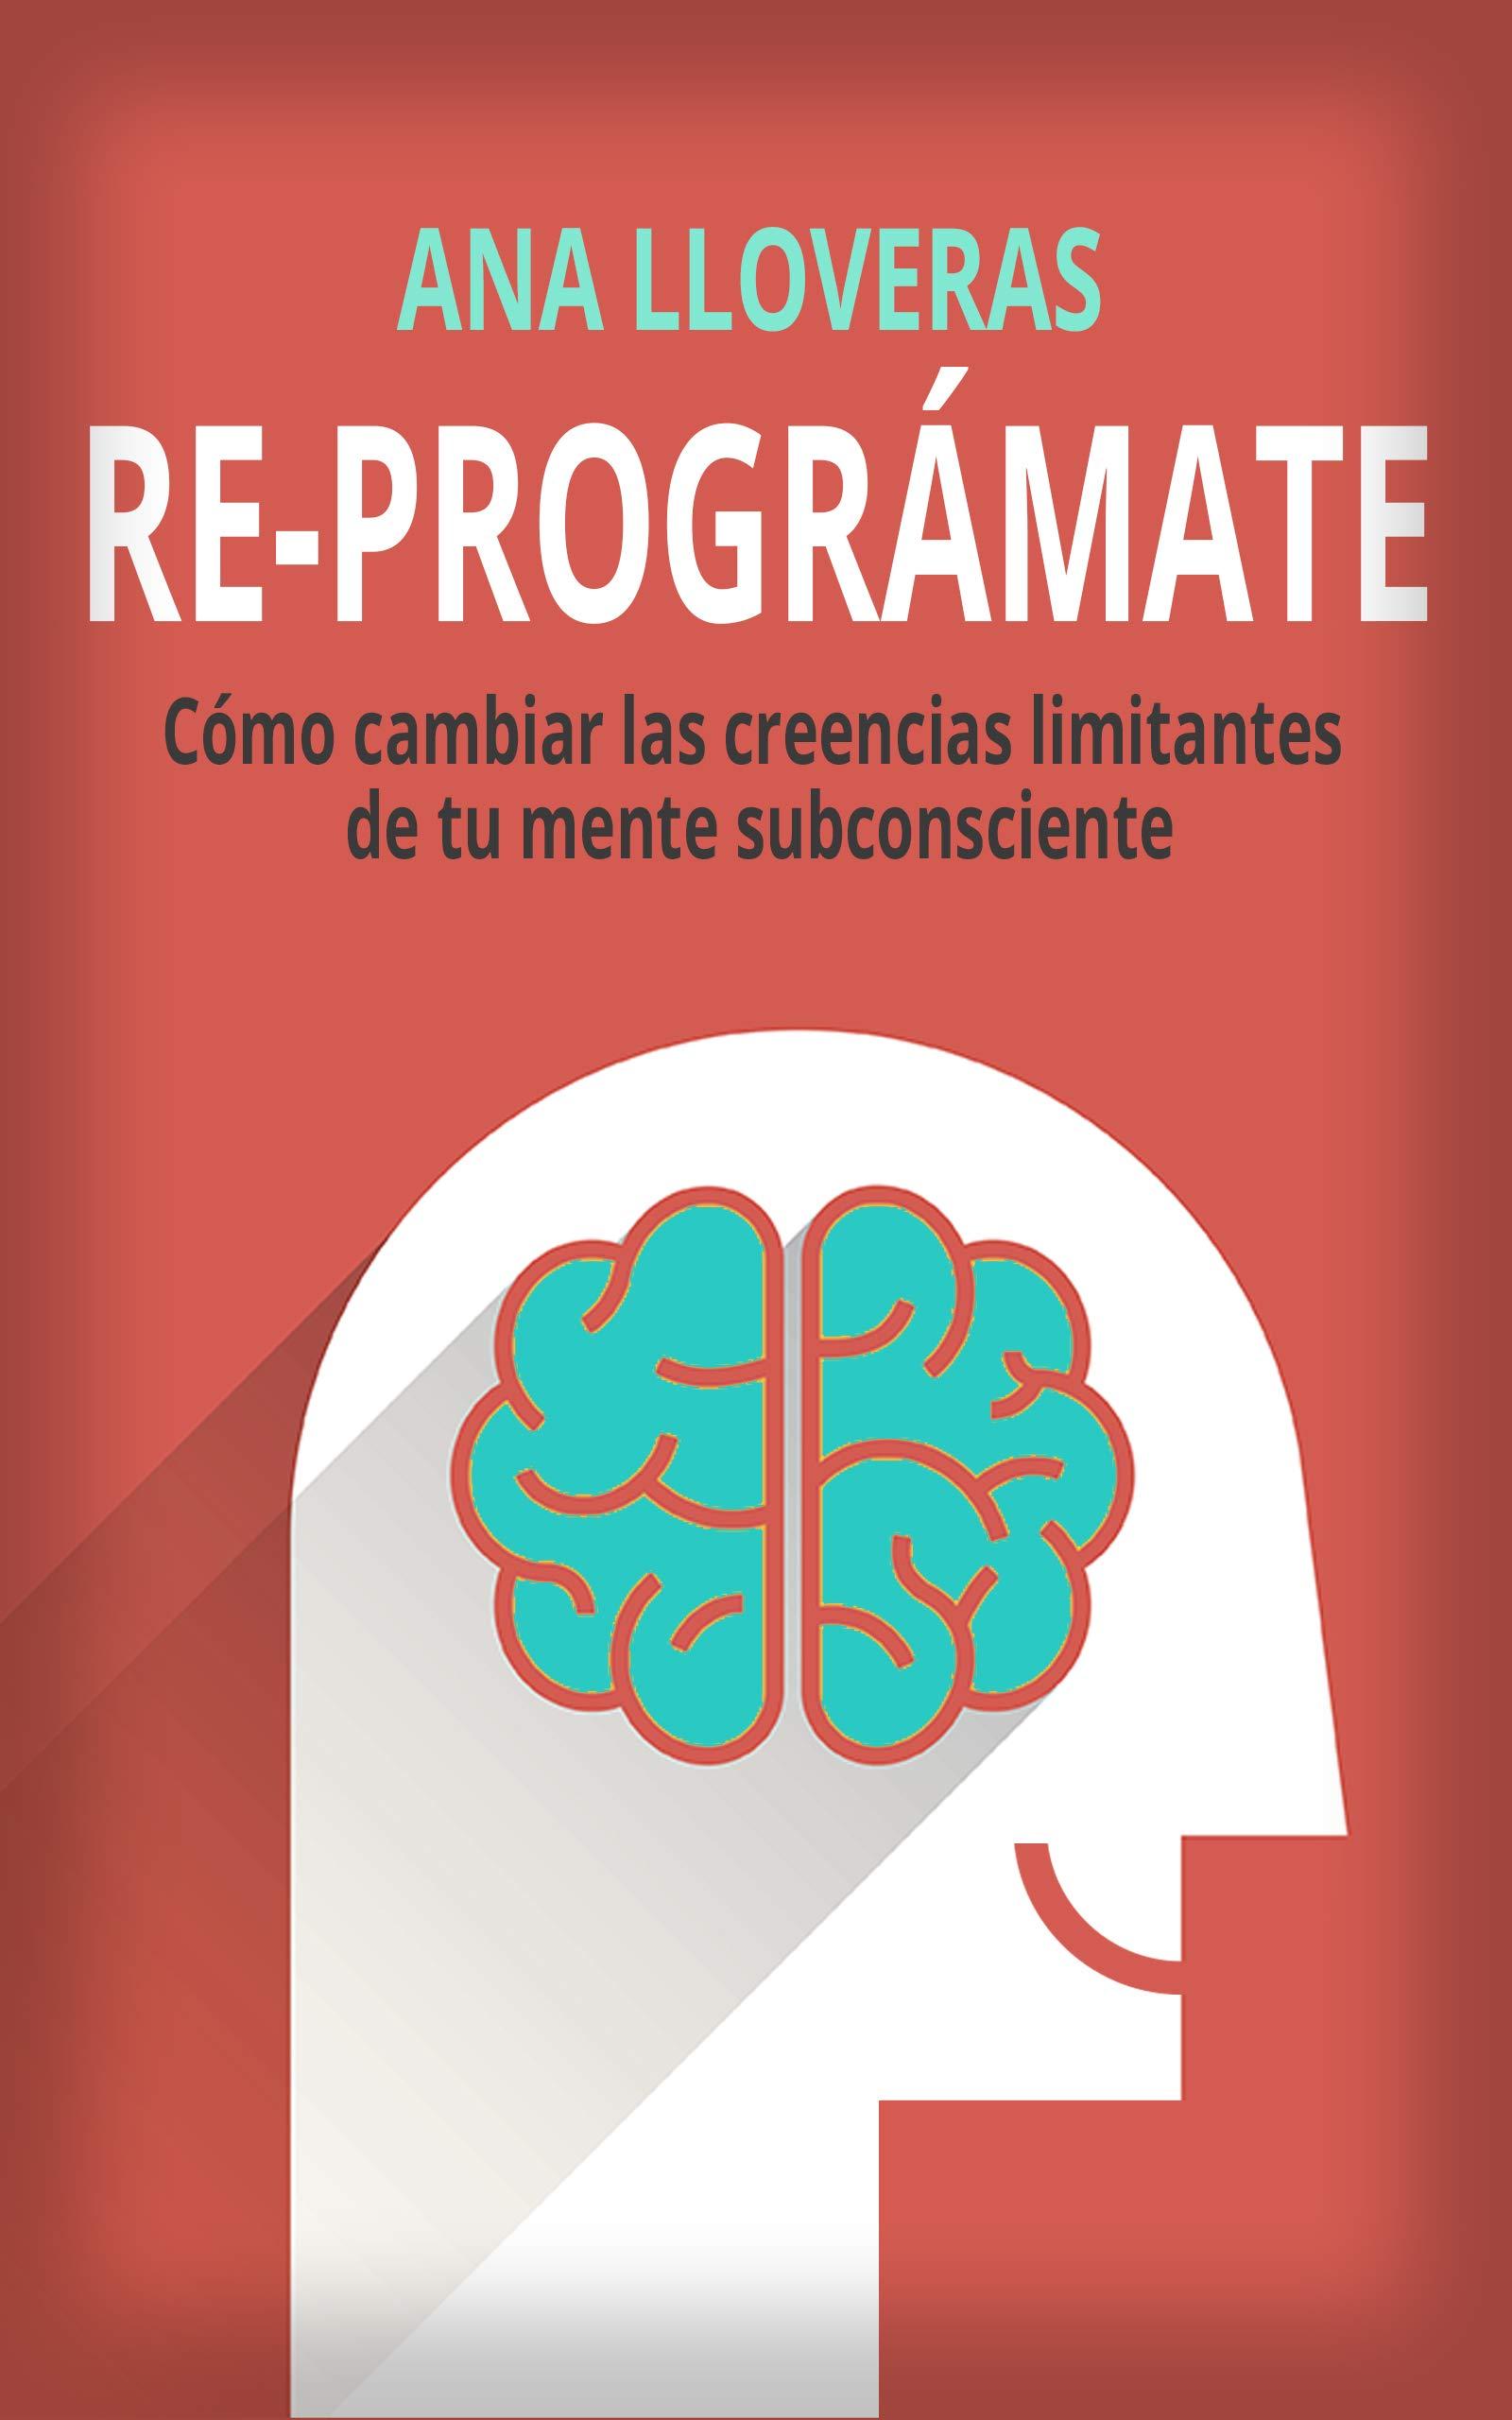 RE-PROGRÁMATE: Cómo cambiar las creencias limitantes de tu mente subconsciente. por Ana Lloveras